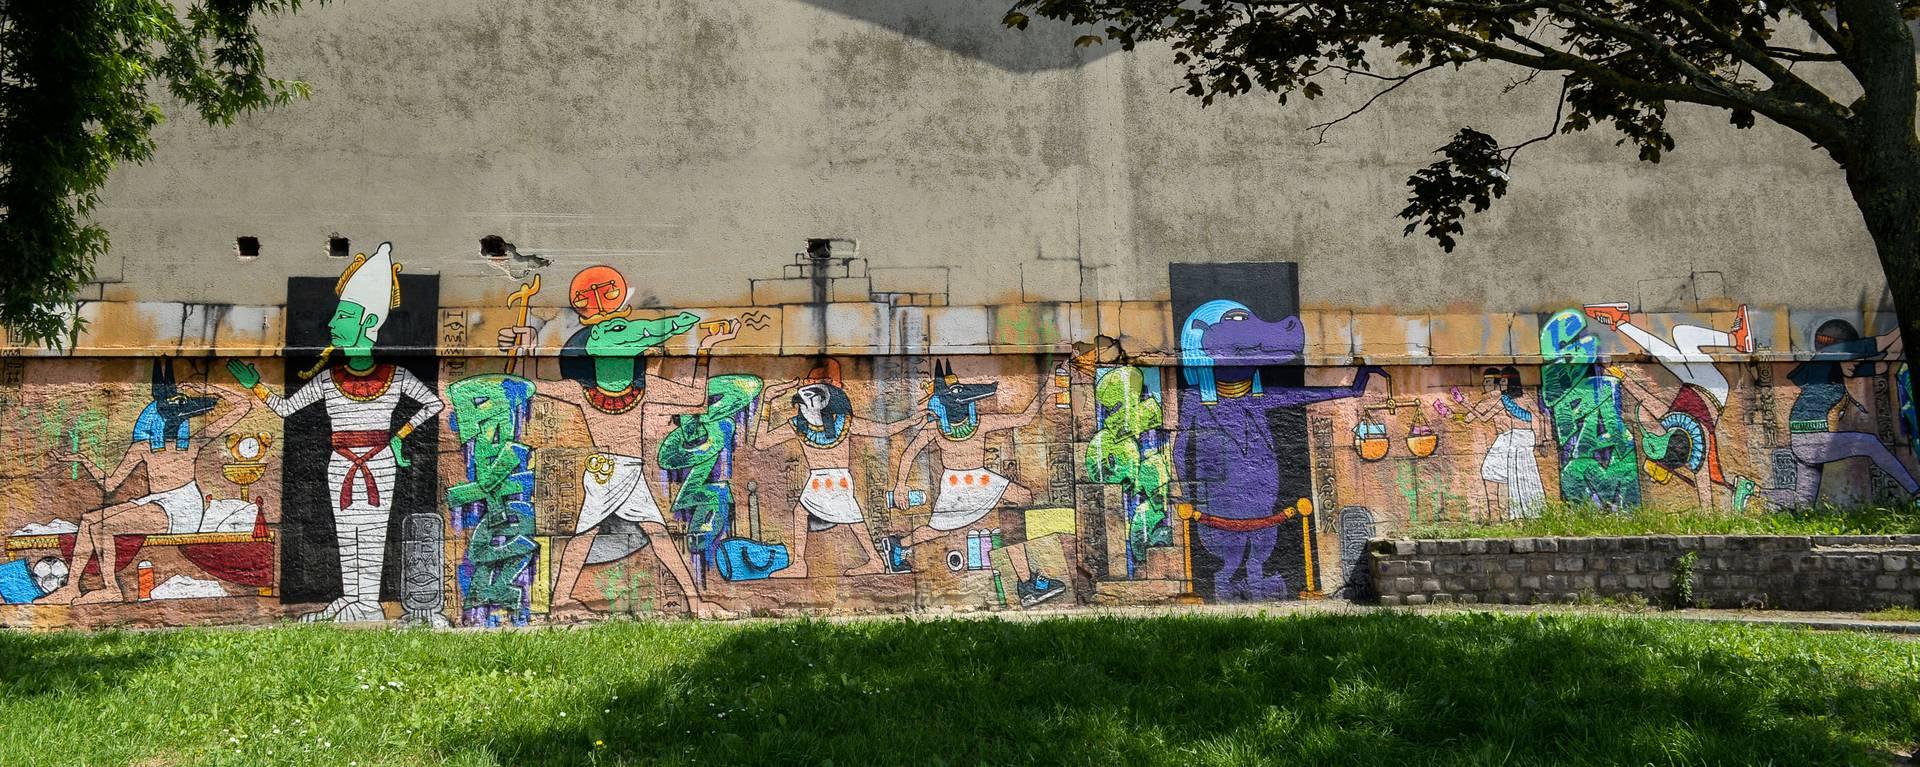 Art Urbain - Paris